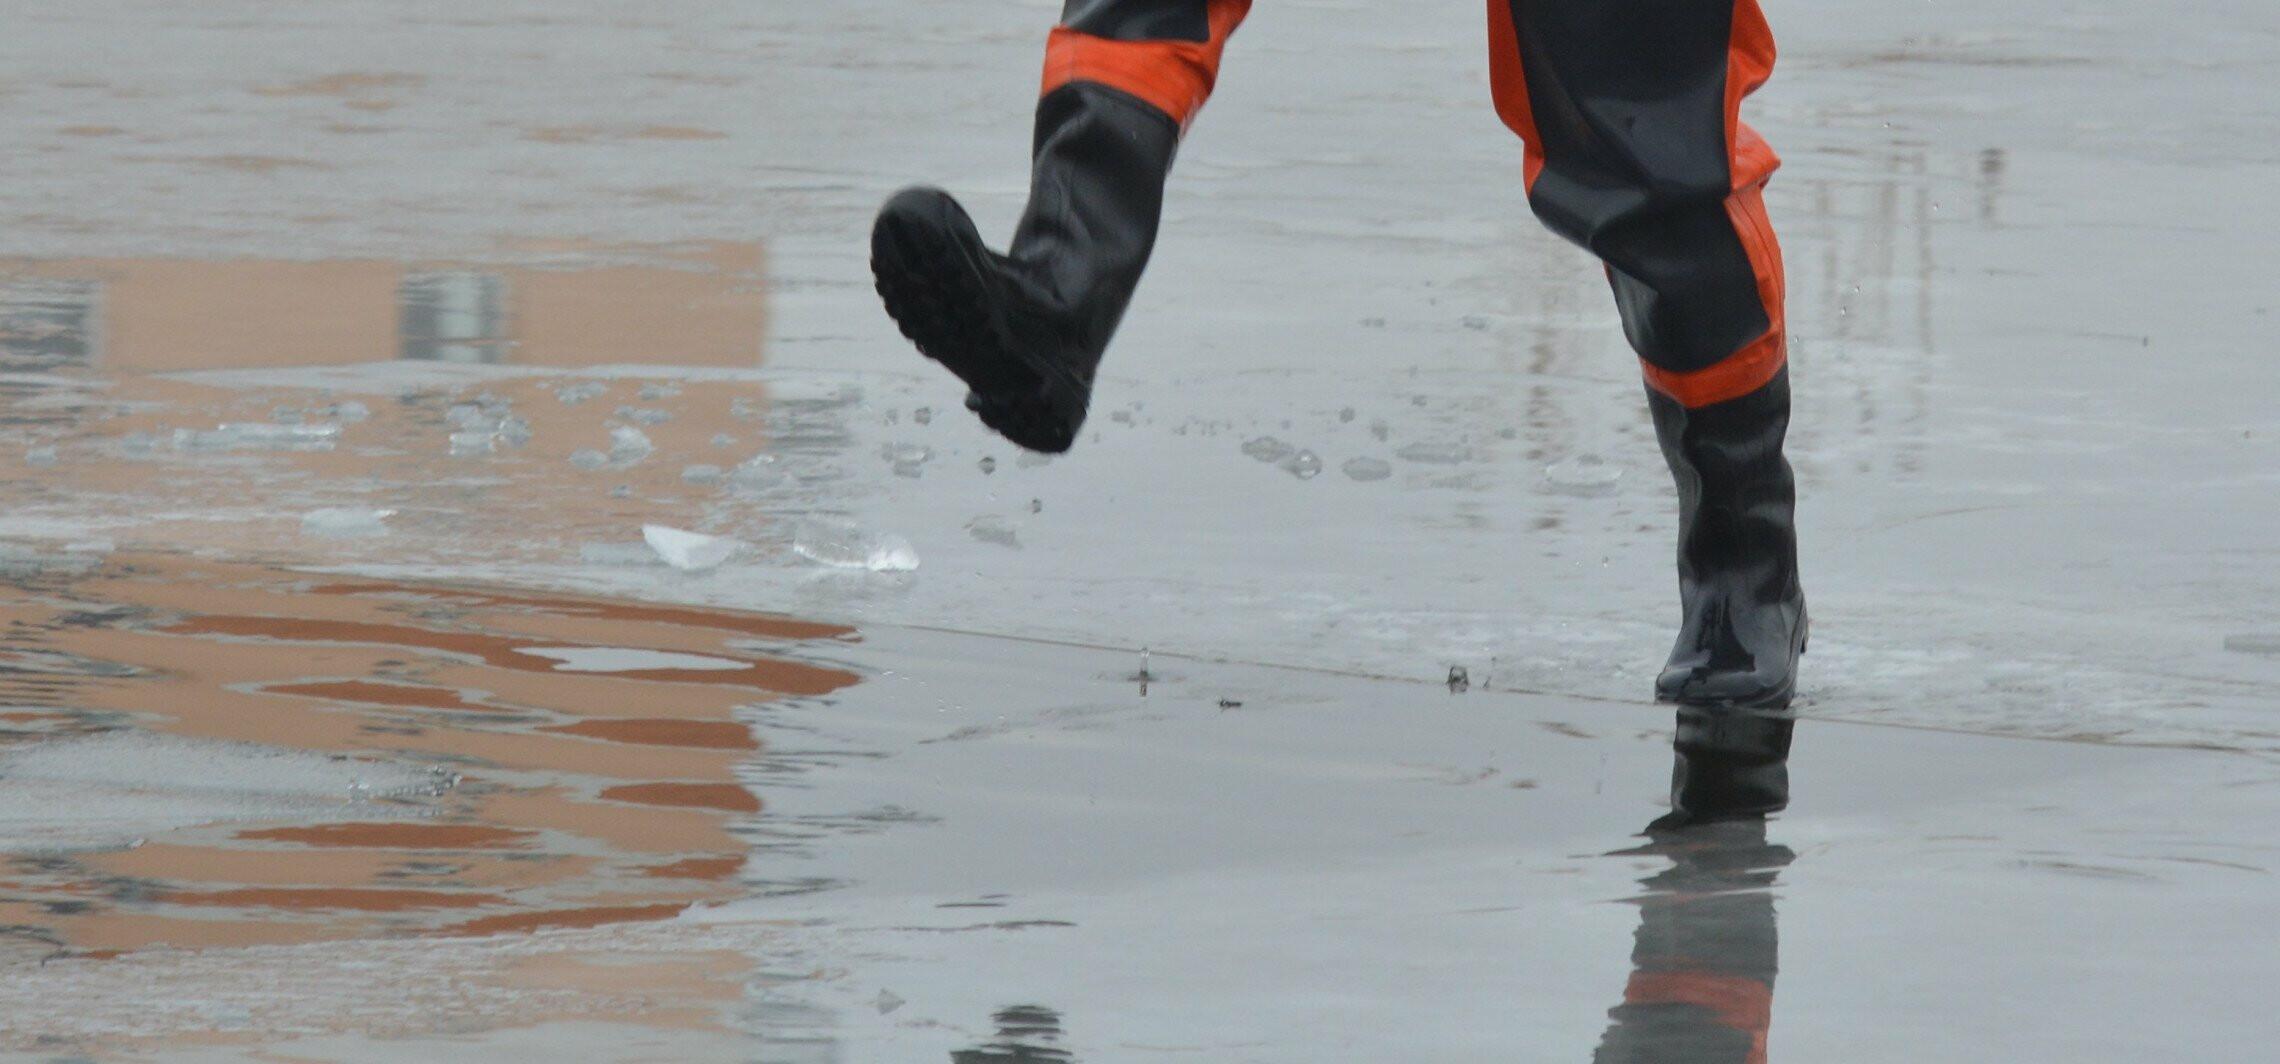 Inowrocław - Policja ostrzega przed wchodzeniem na lód